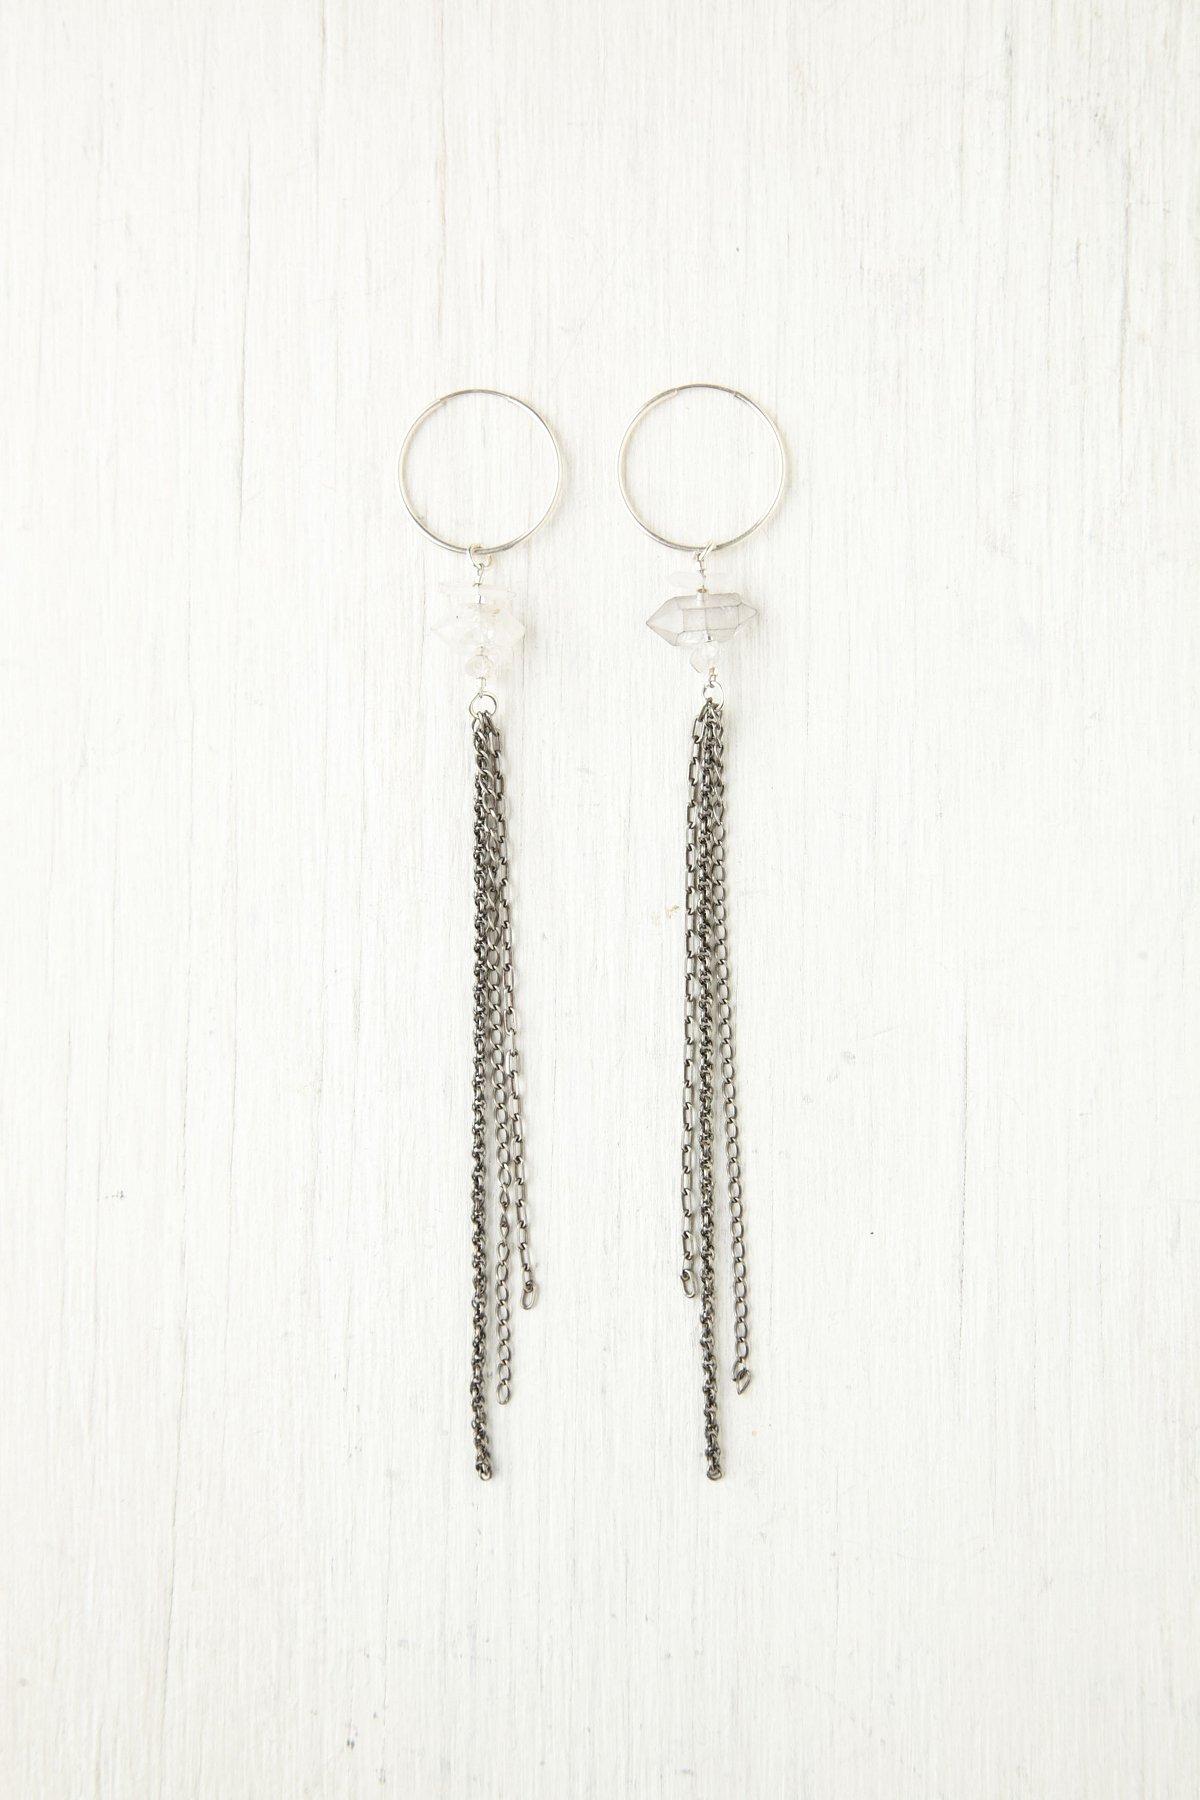 Asteria Crsytal Earrings